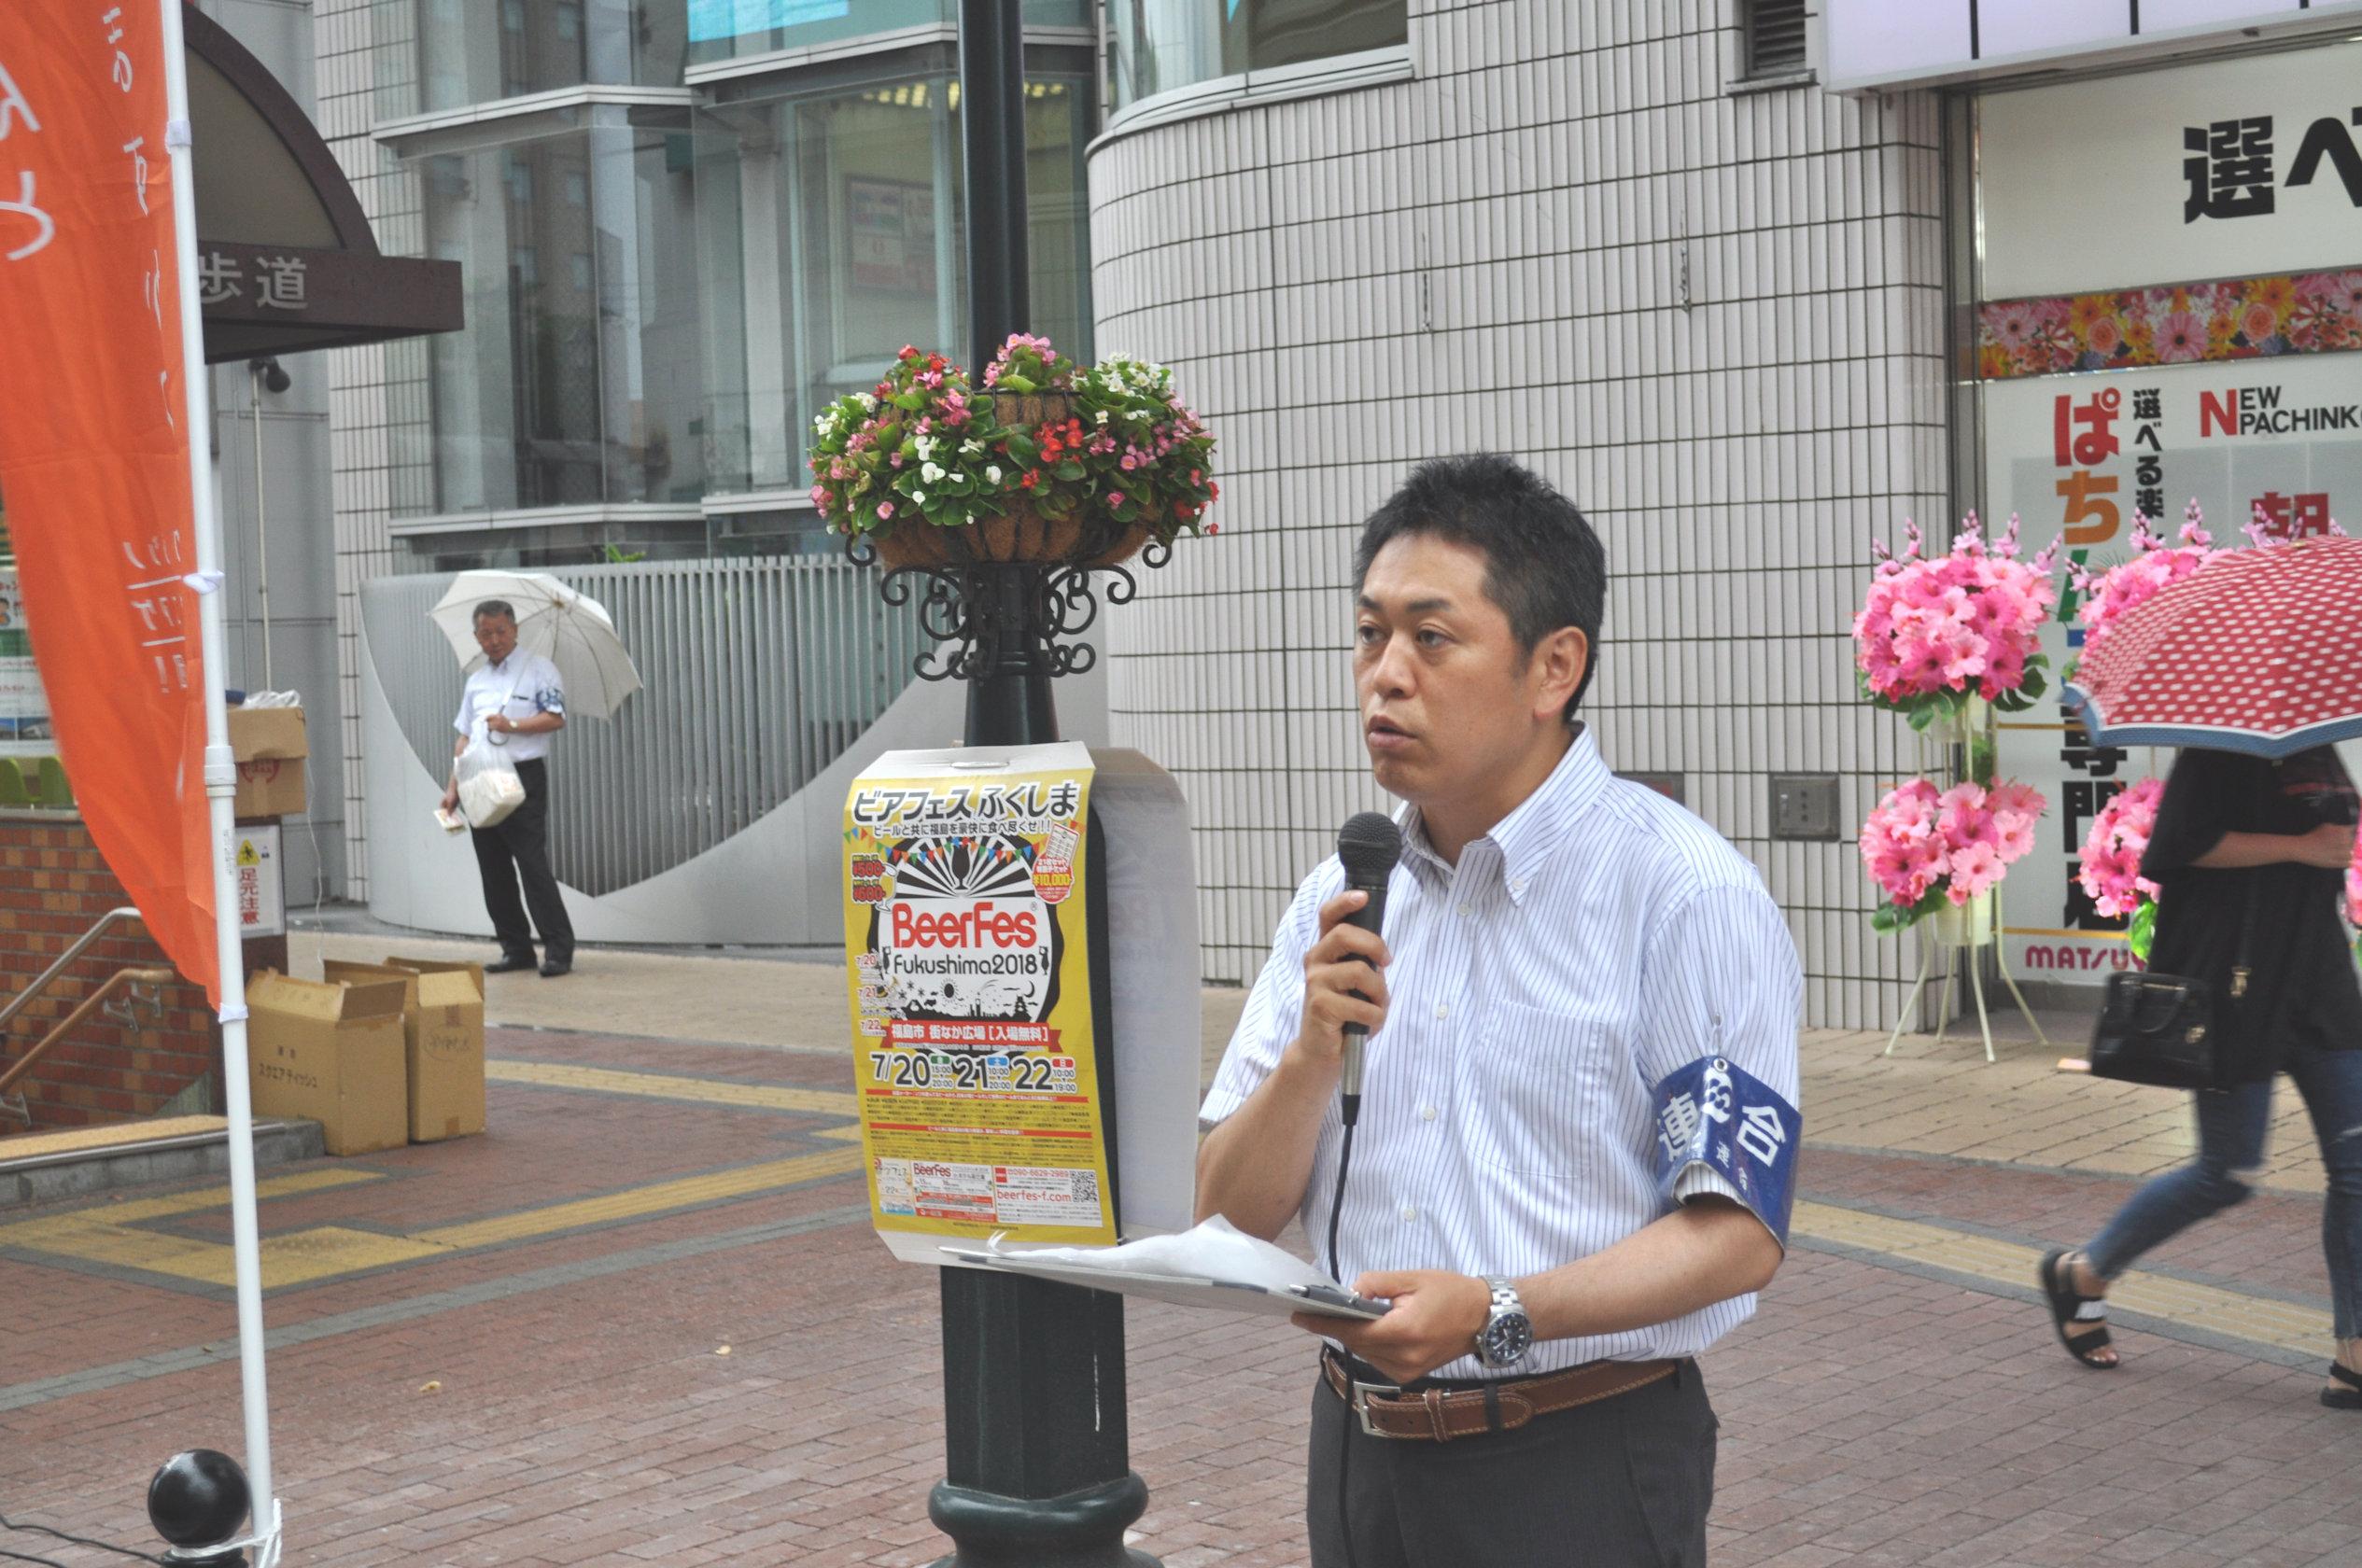 応援団の取り組み「奨学金制度拡充を求める課題」を提起する 鈴木 茂連合福島副事務局長